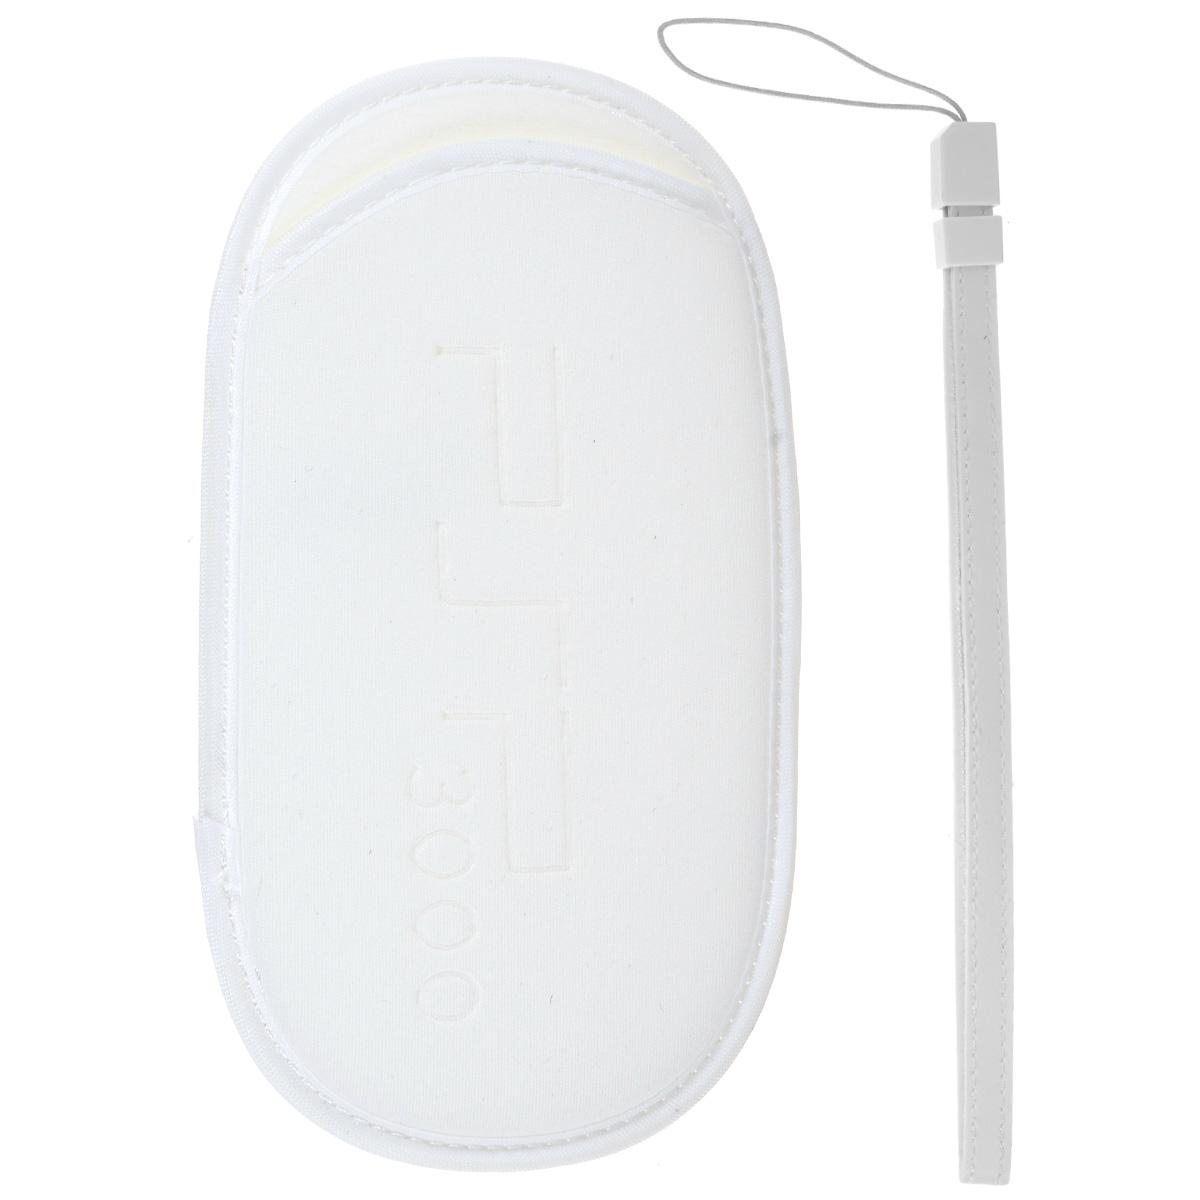 Чехольчик + ремешок Game Guru для Sony PSP 2000/3000 (белый) чехольчик ремешок game guru для sony psp 2000 3000 золотой